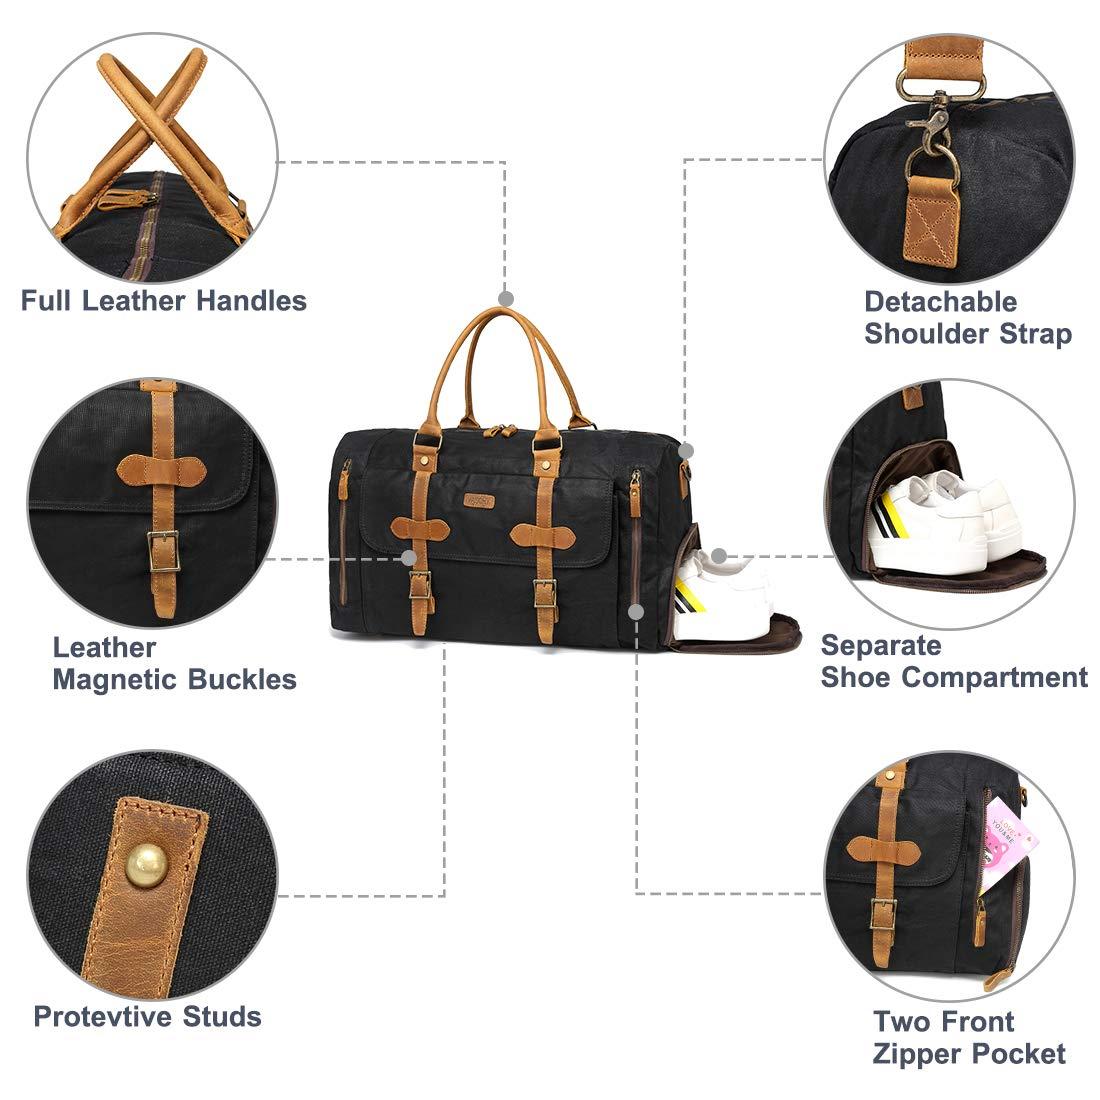 Bolsa de Viaje VASCHY Bolsa de Equipaje Bolsa de Fin de Semana Lona Bolsa de Trabajo Cuero con Compartimento para Zapatos 46 litros Equipaje de Mano de Holdall(Gris)